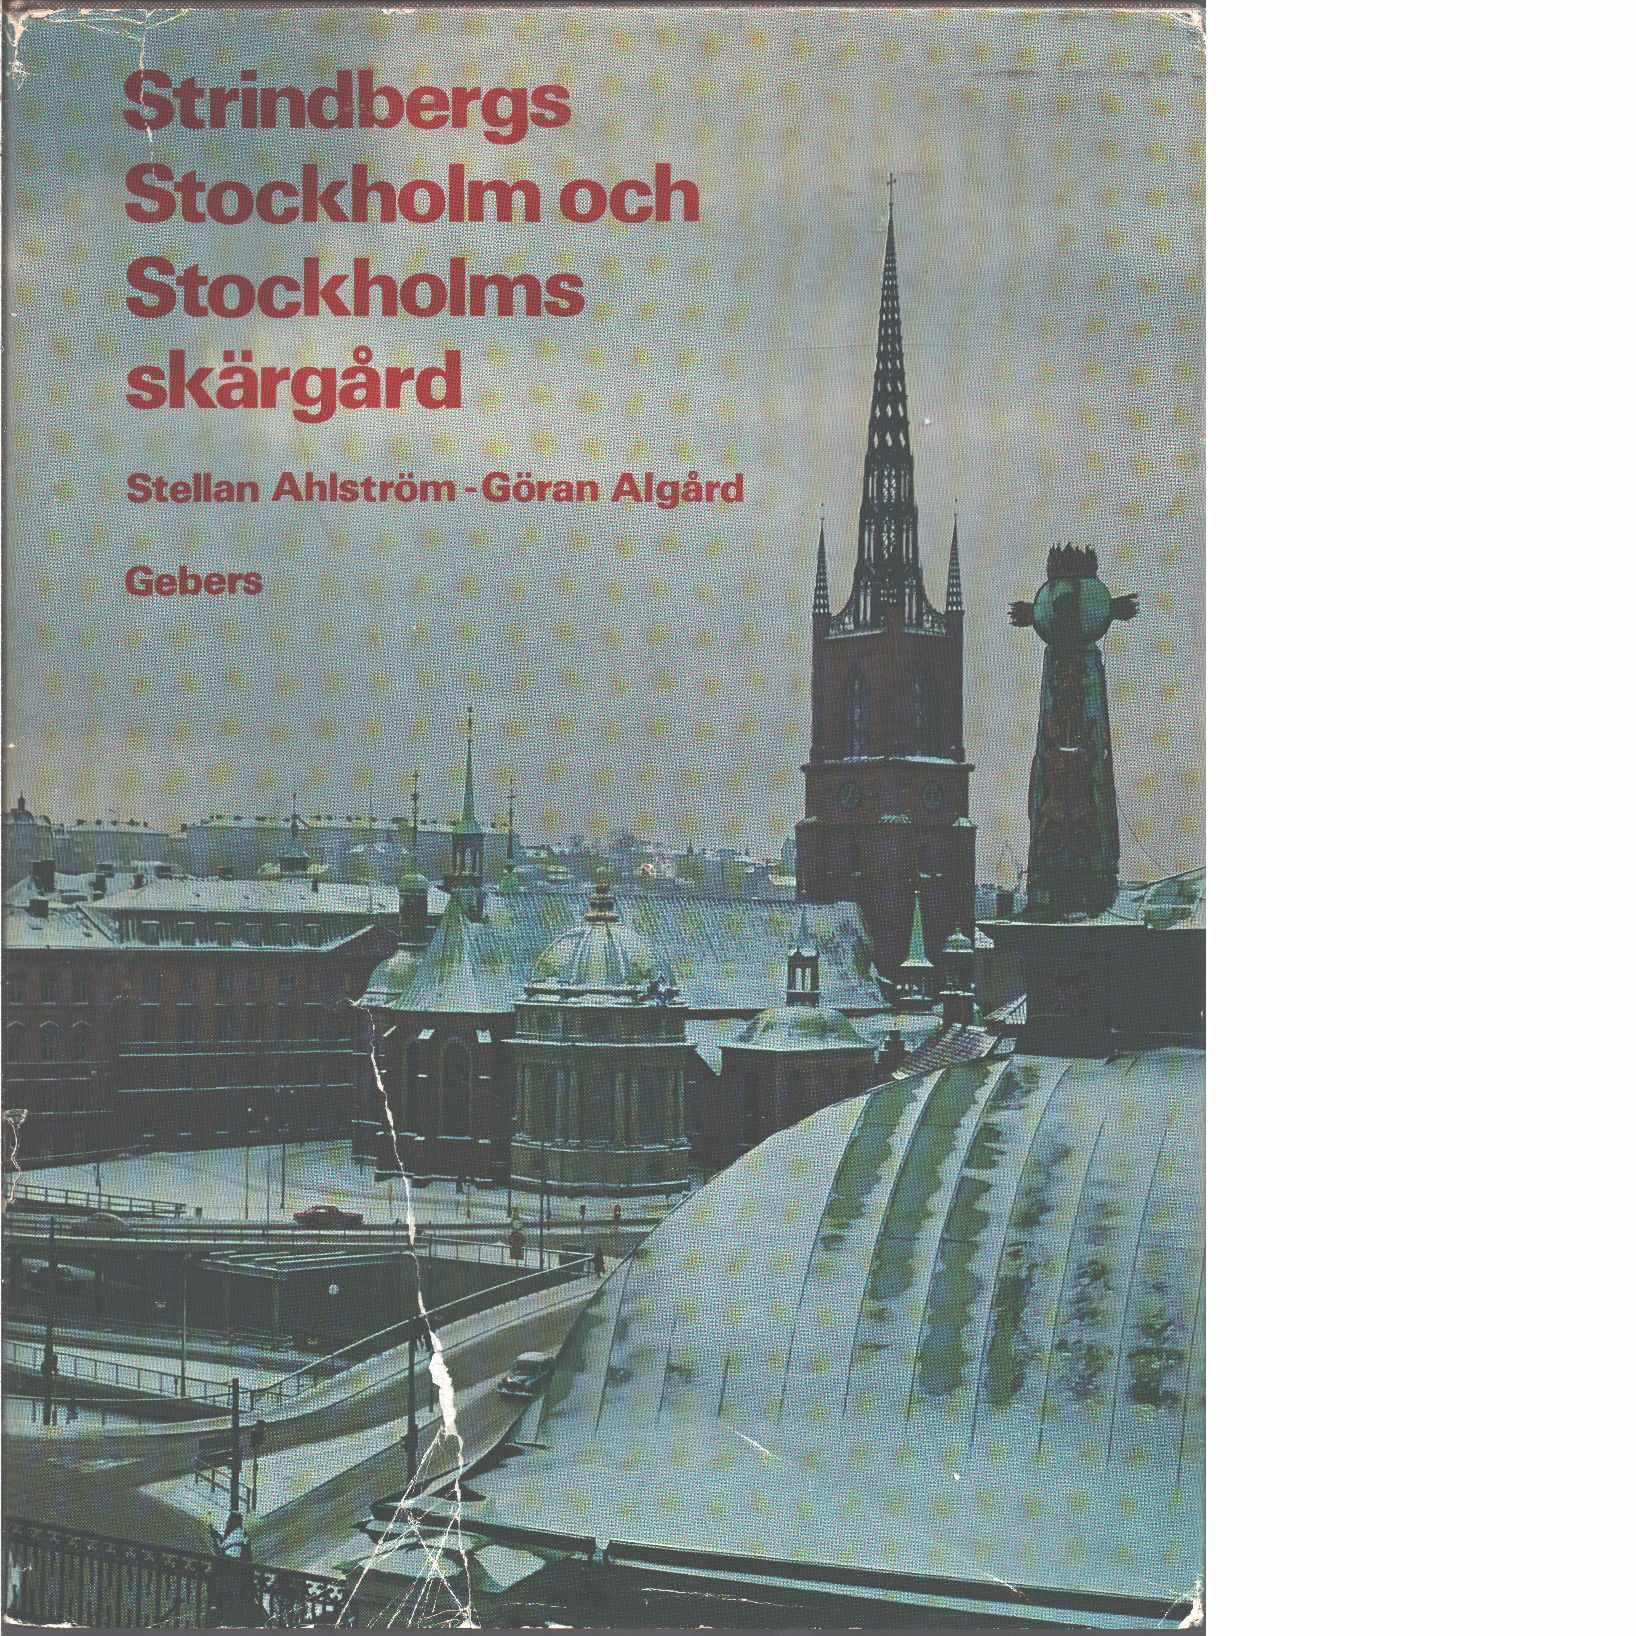 Strindbergs Stockholm och Stockholms skärgård - Ahlström, Stellan och Algård, Göran